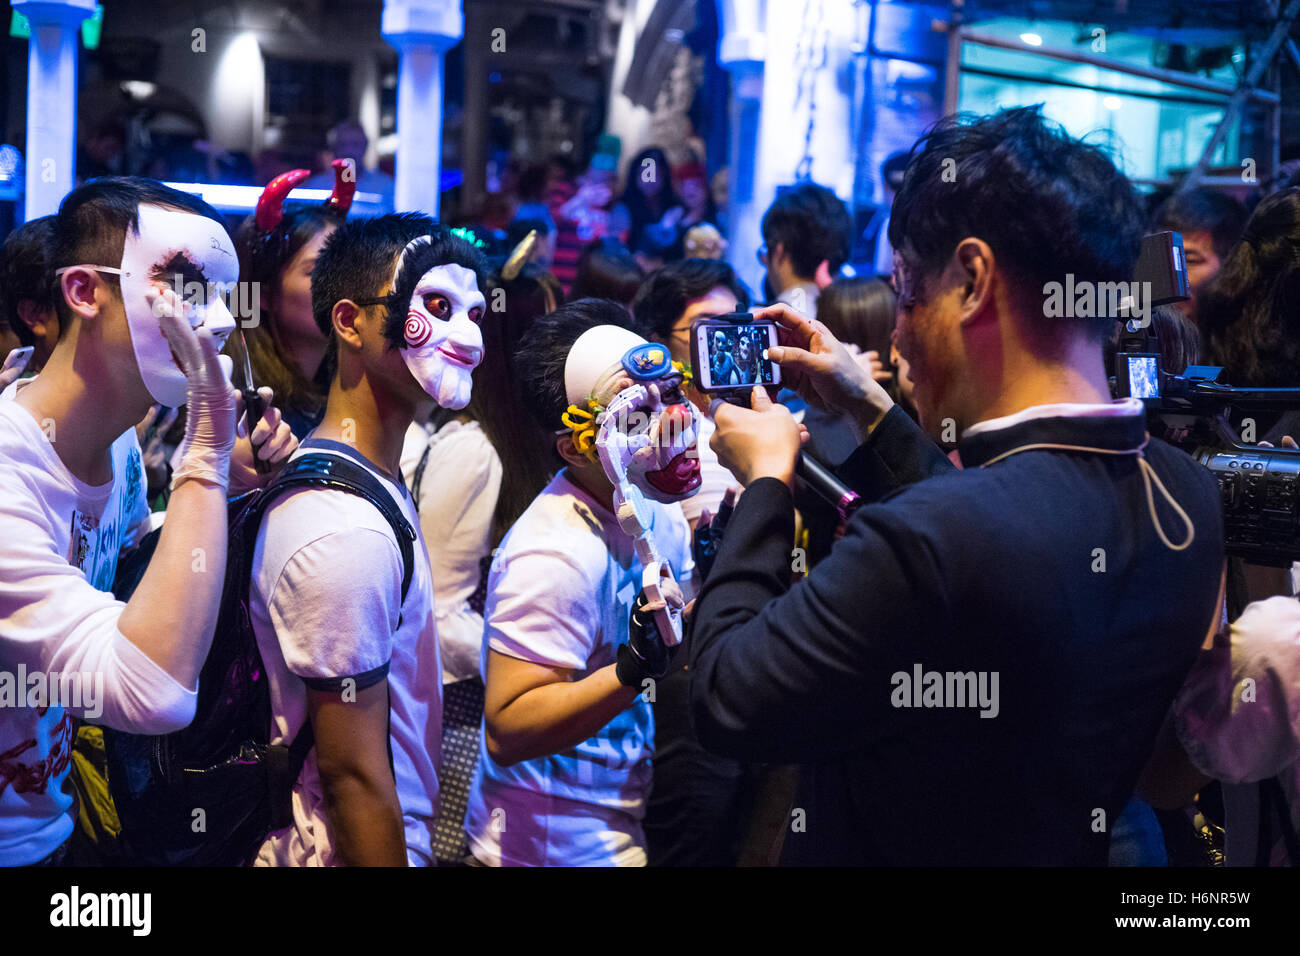 hong kong, hong kong. 31st oct, 2016. lan kwai fong halloween street